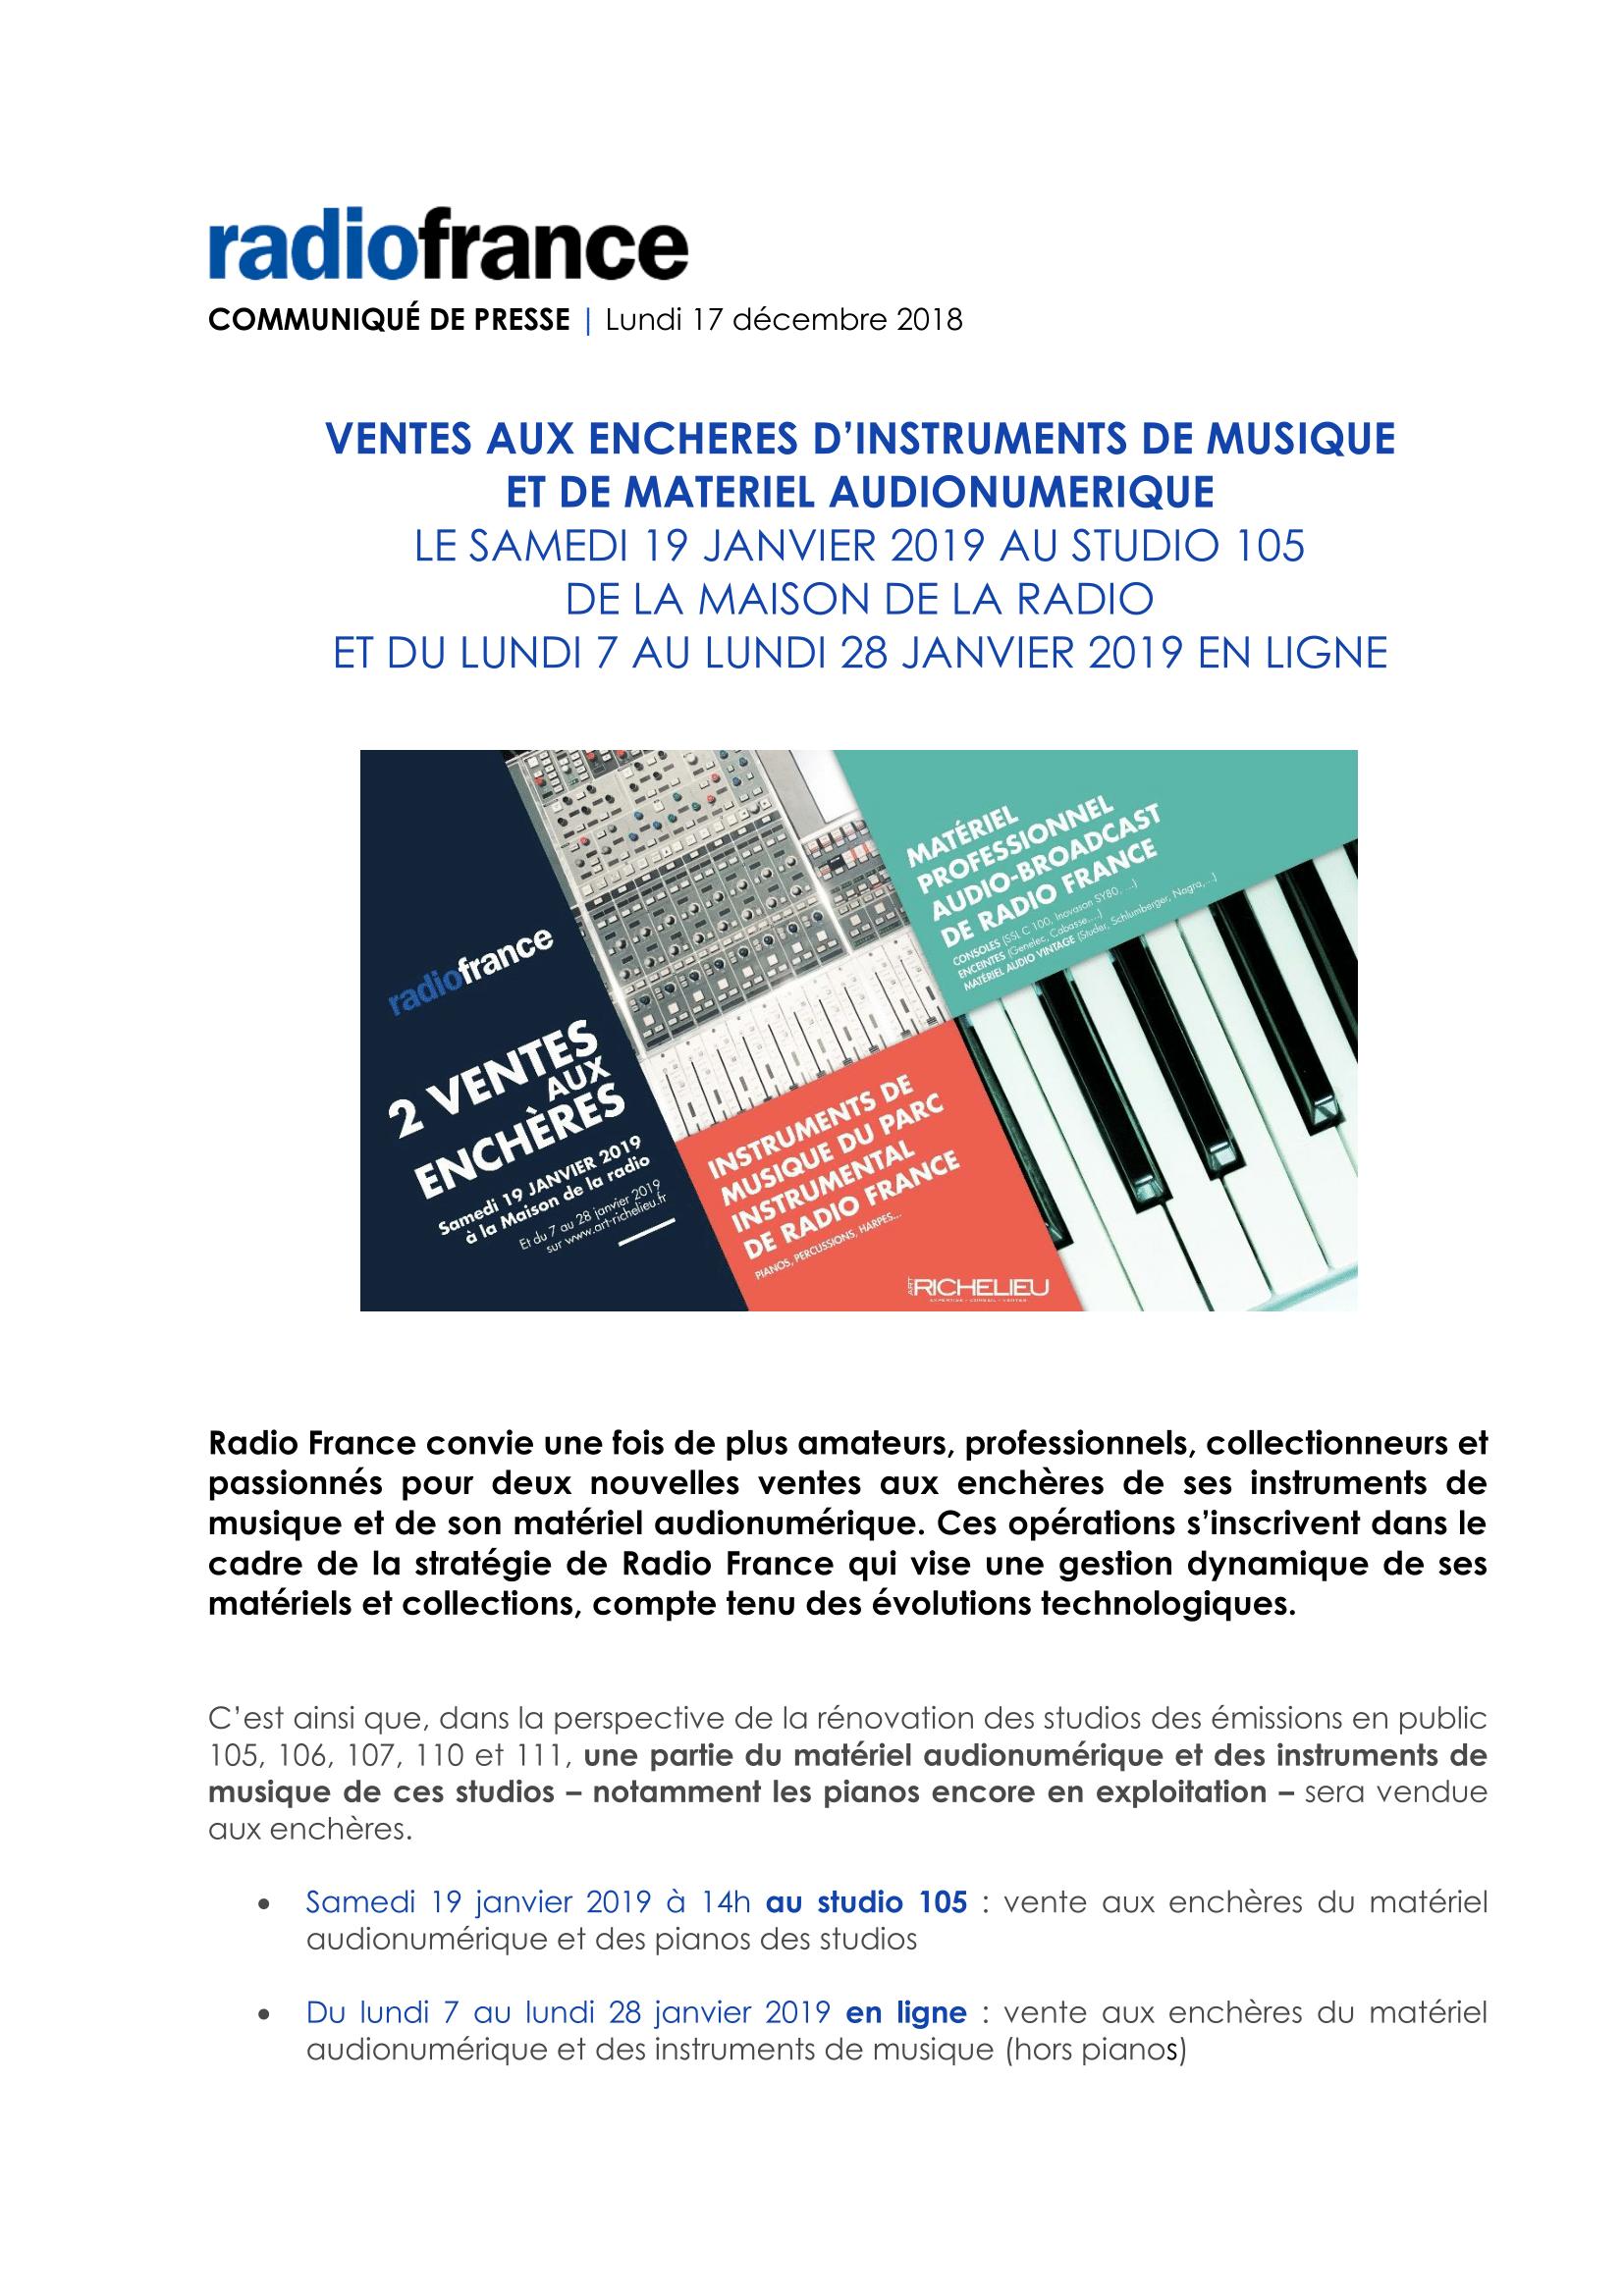 radio-france_cp-ventes-aux-encheres_janvier-2019-1